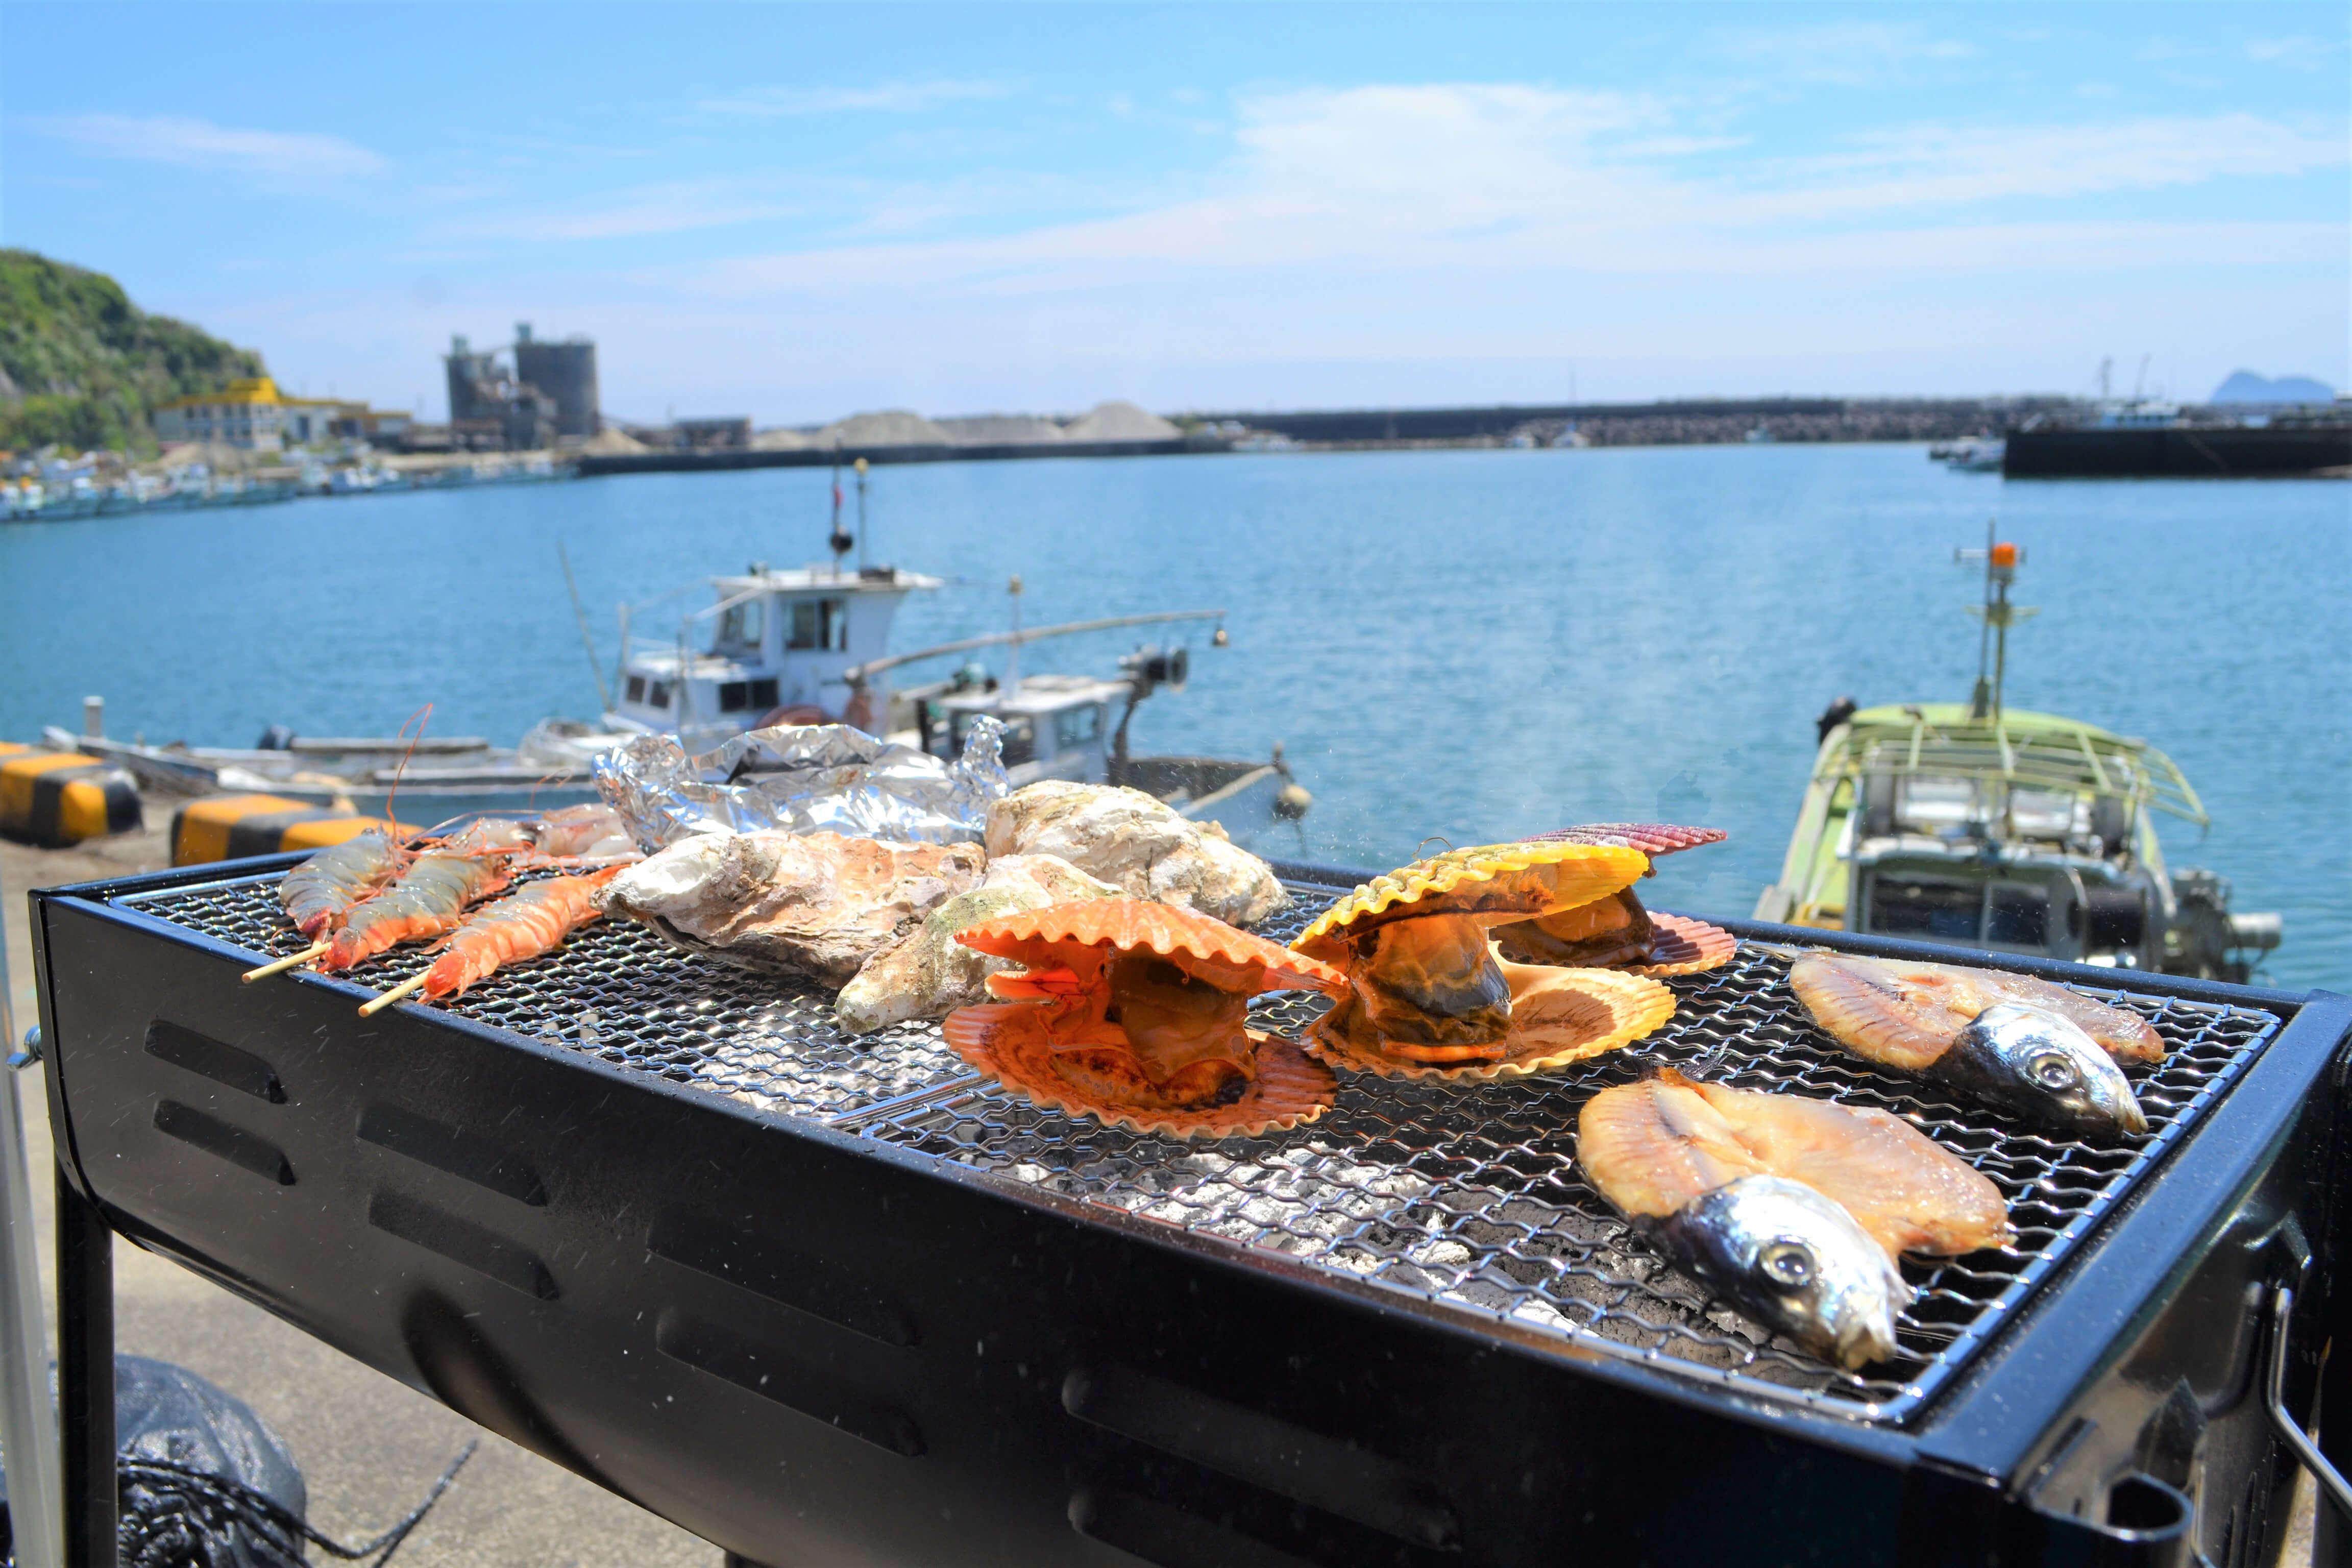 【2020年今年もオープン!】志布志の岩ガキ・ヒオウギ貝が食べれる「漁師飯 勝吉丸」